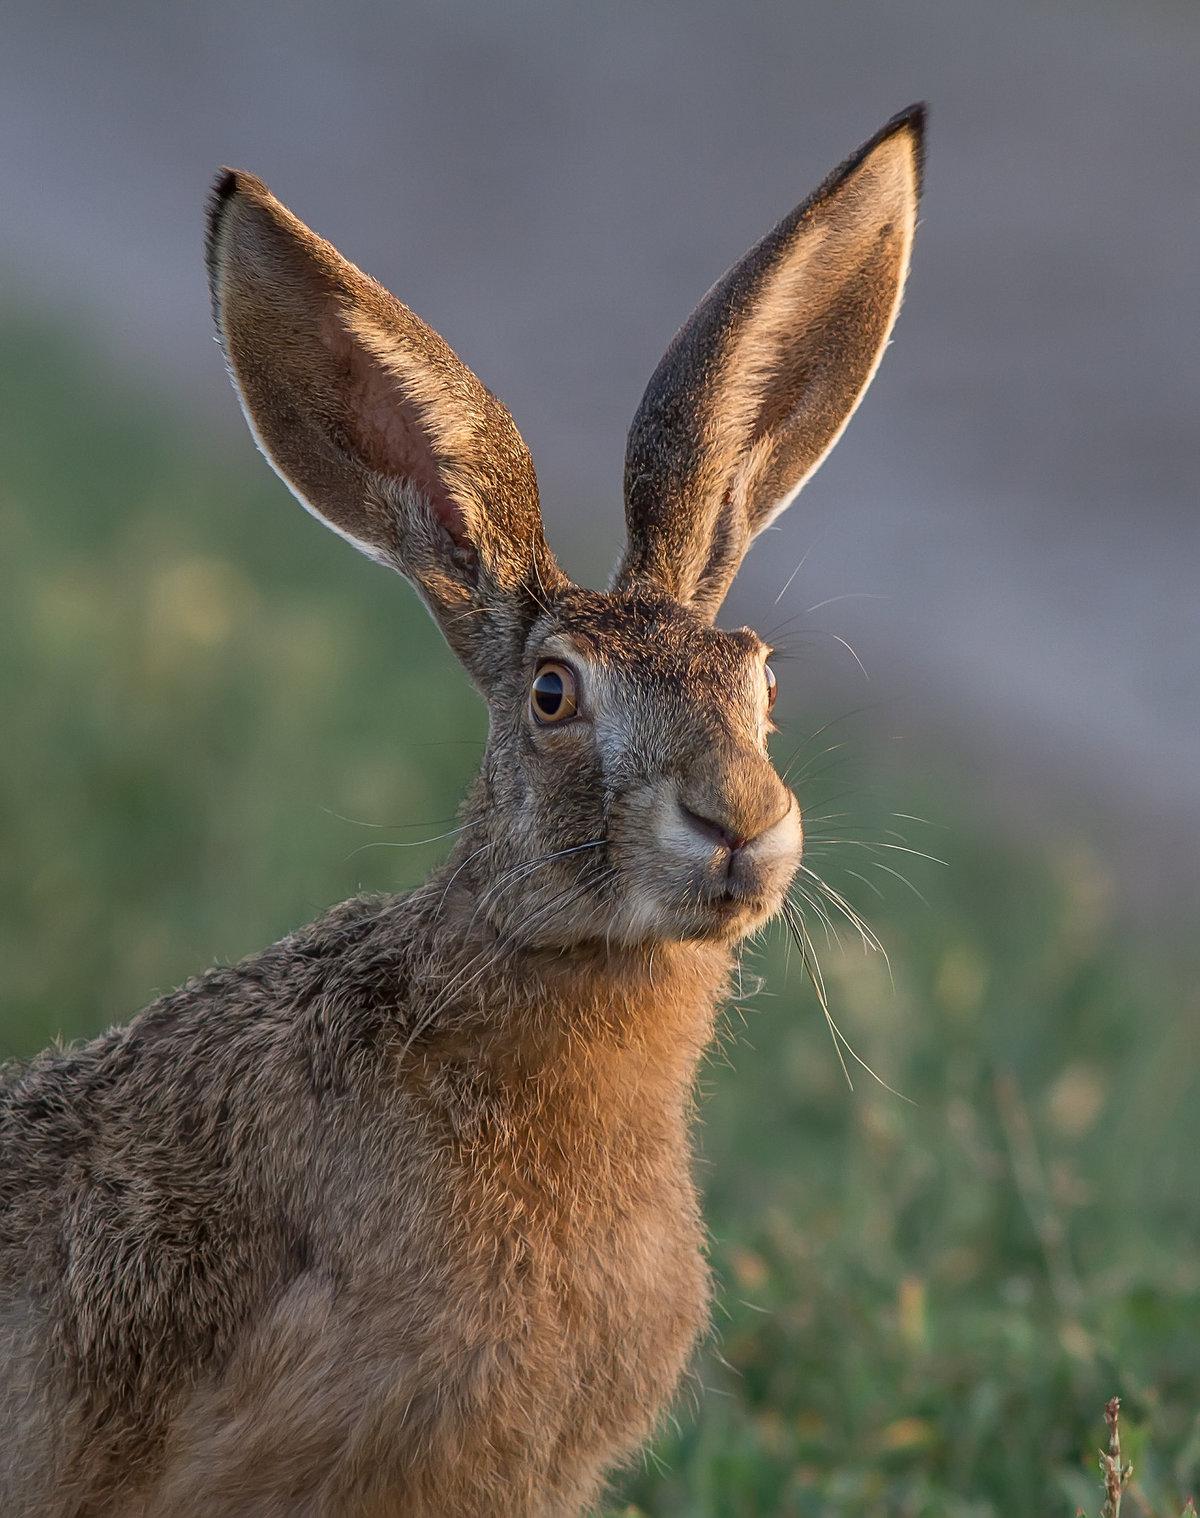 картинки ушей животных диких